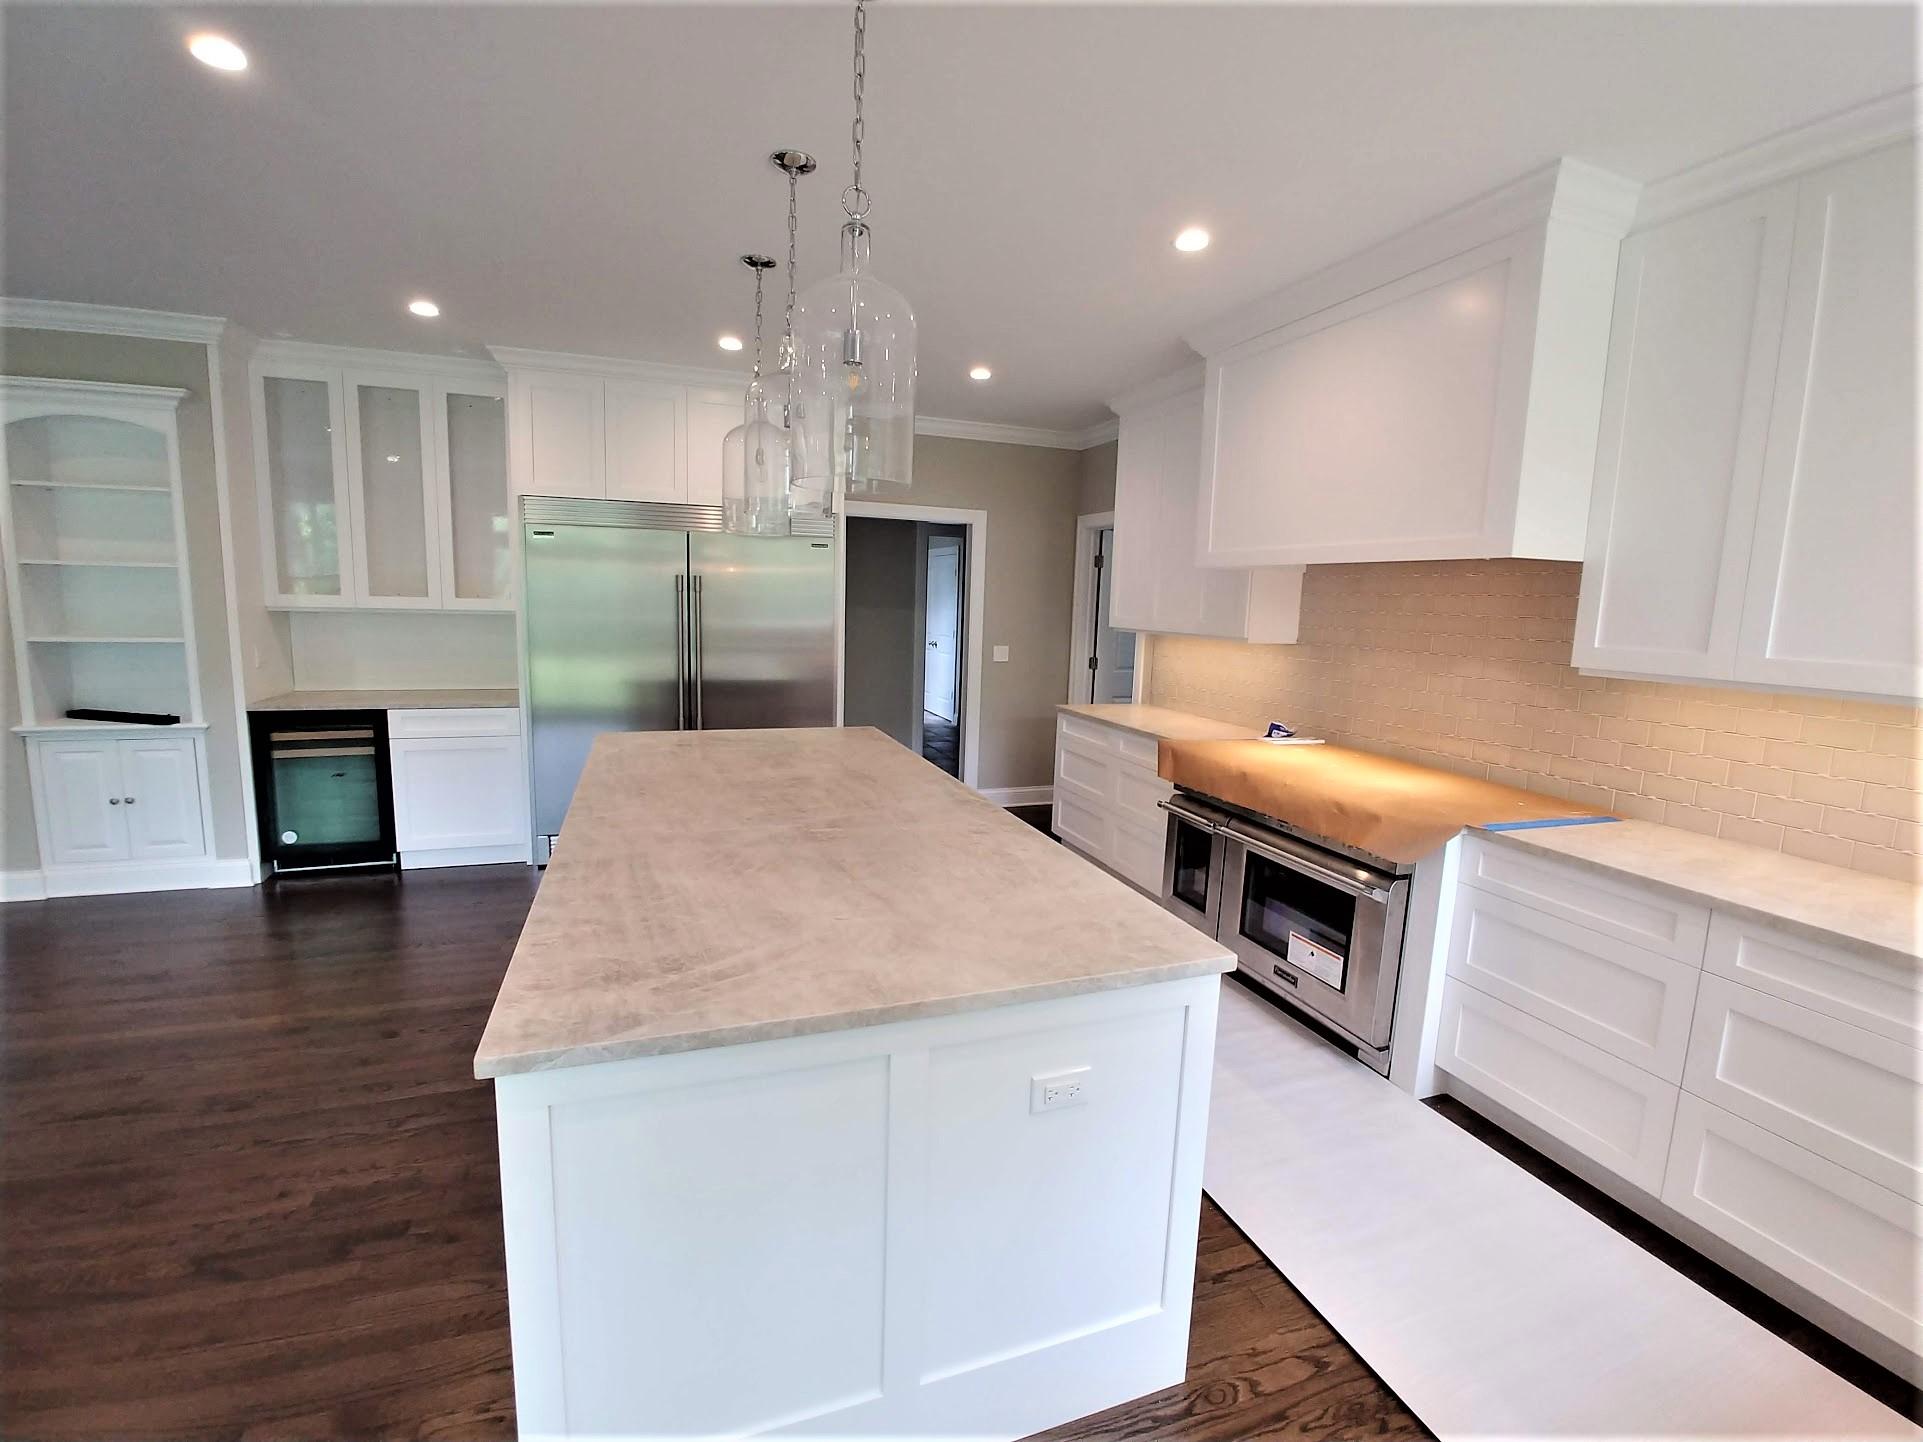 David Harney Kitchen Cabinets Cedar Ln Northbrook IL 3